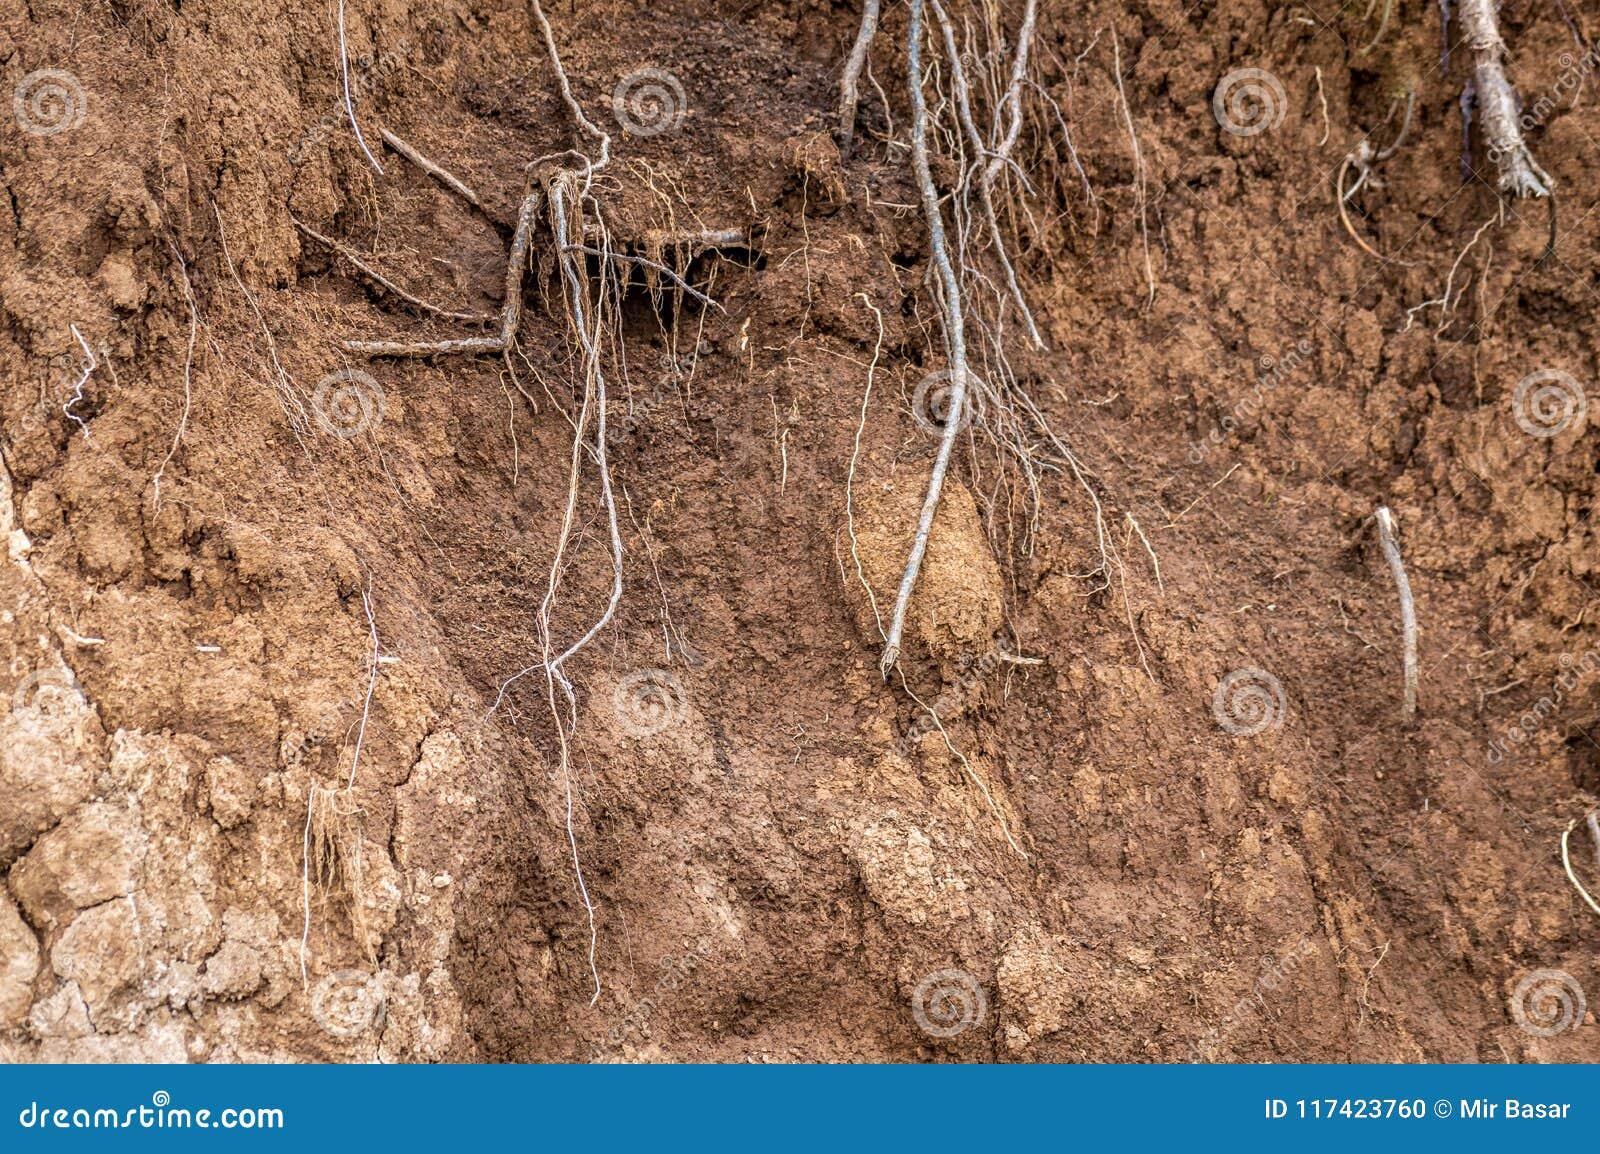 Warstwy ziemia moczą glebowych korzenie w glebowych glebowego profilu ziemi strefach